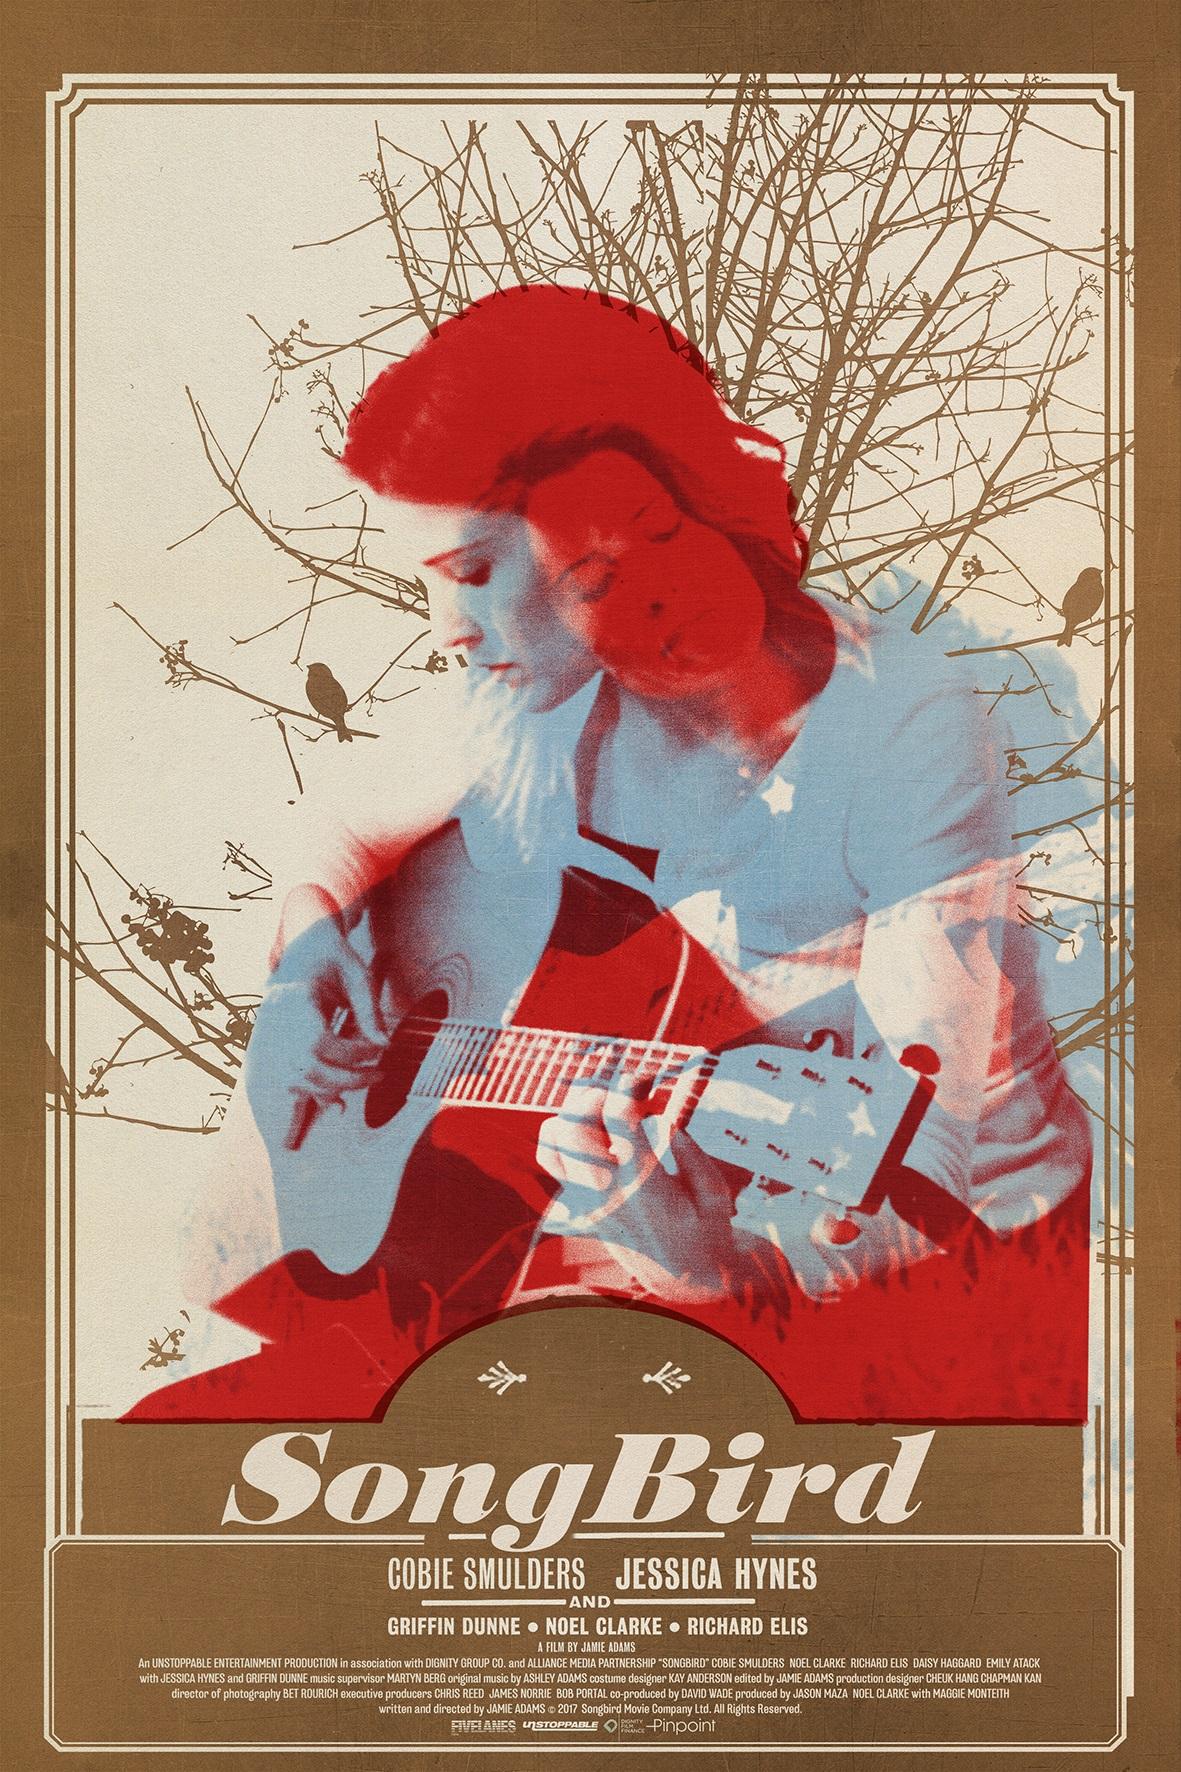 Songbird-1-sheet-online